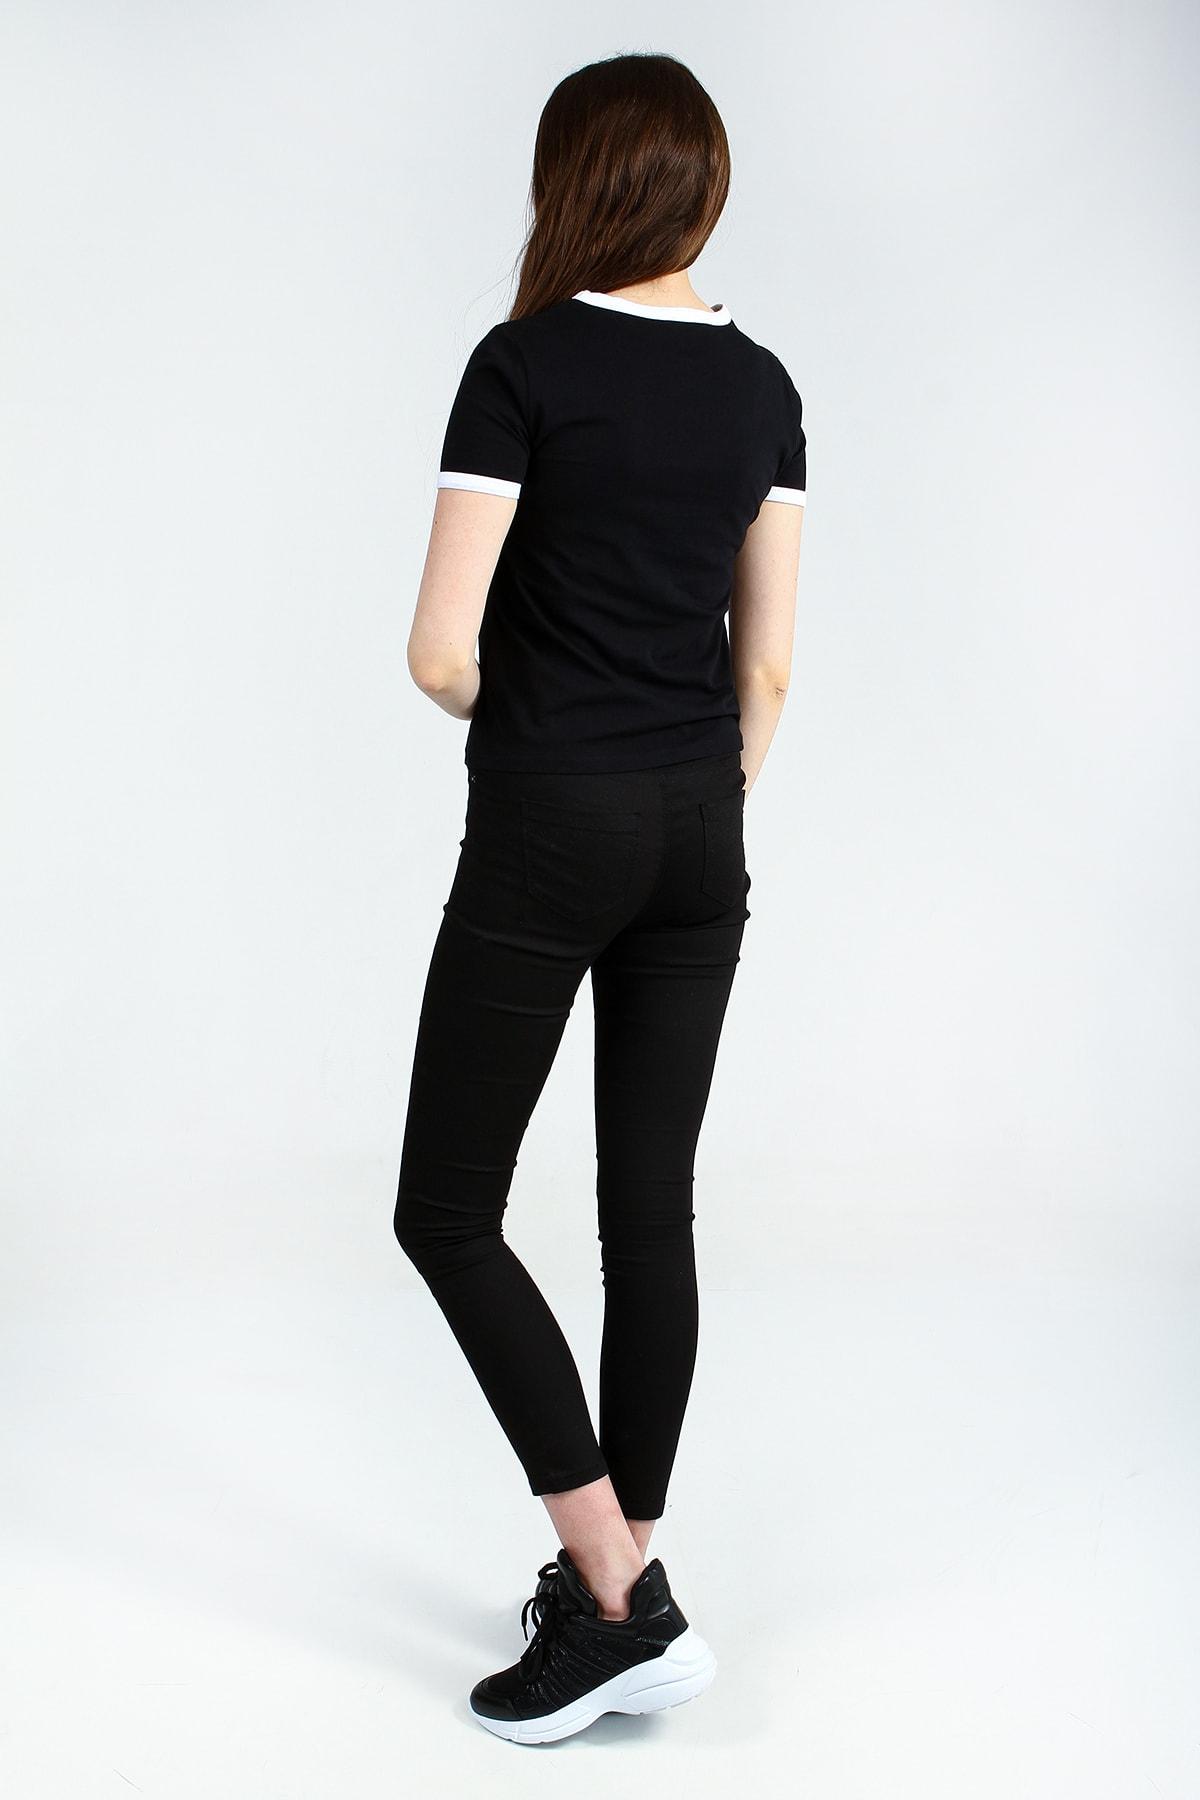 Collezione Kadın Siyah T-shirt - UCB142815A41 3